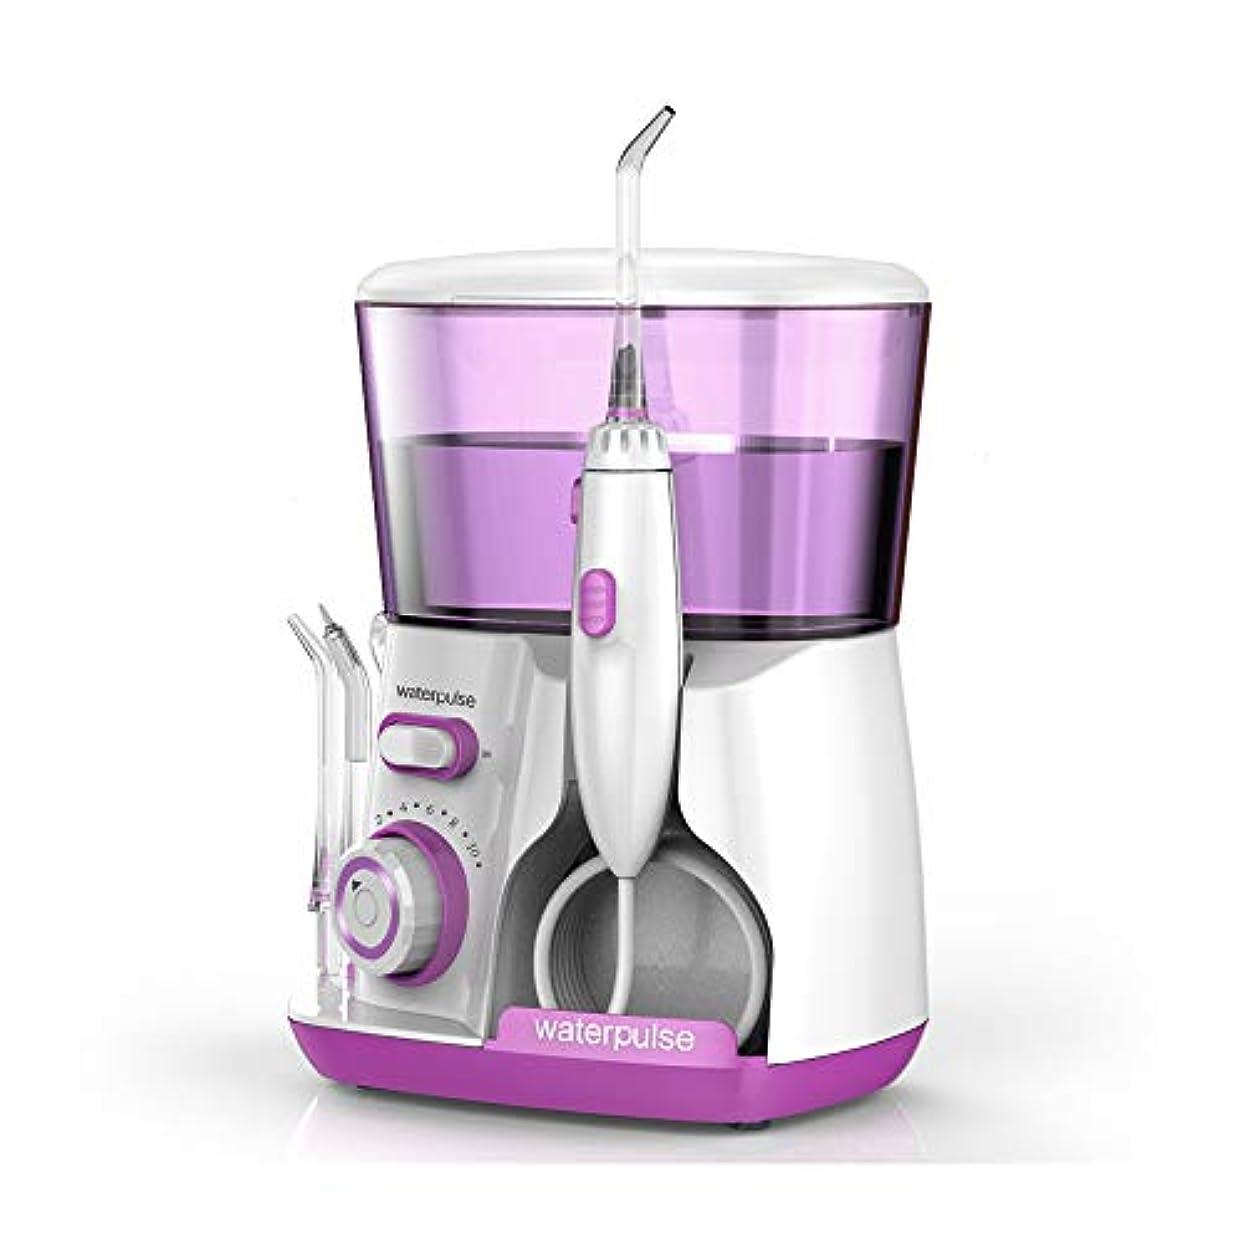 会議装備する転送Loboo Idea V300 赤い歯洗濯機水フロスデンタルクリーナー口腔洗浄器、自由に調整可能な10種類の歯車、5種類のノズルを含む、歯の清掃が360度容易、あなたの歯のニーズを満たすために (V300R, 紫色)